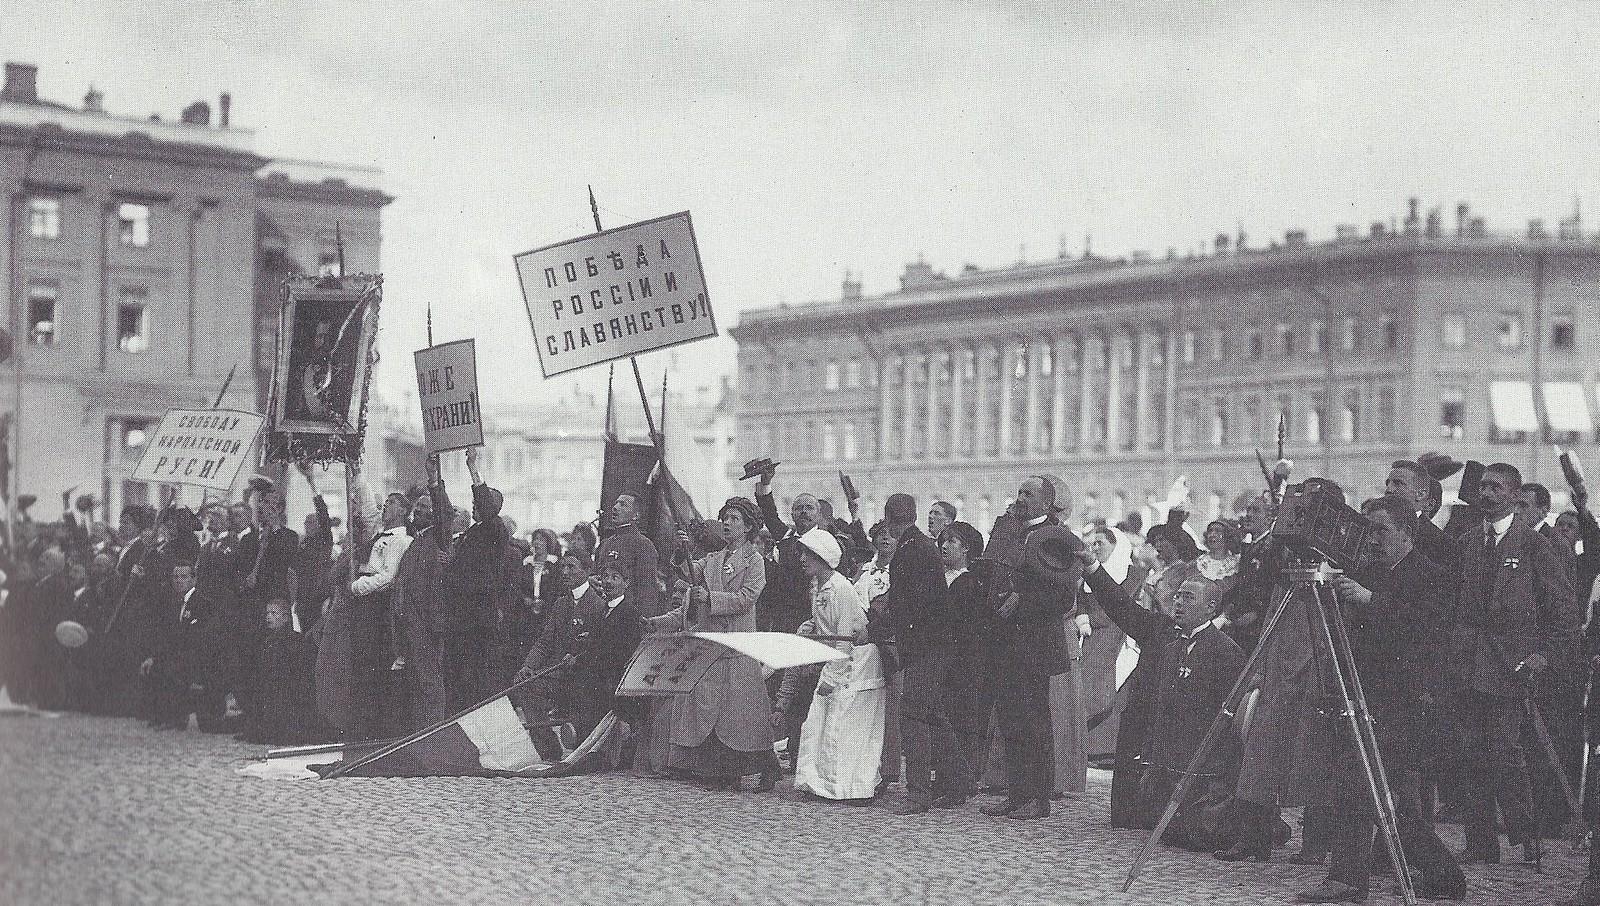 1914. Дворцовая площадь